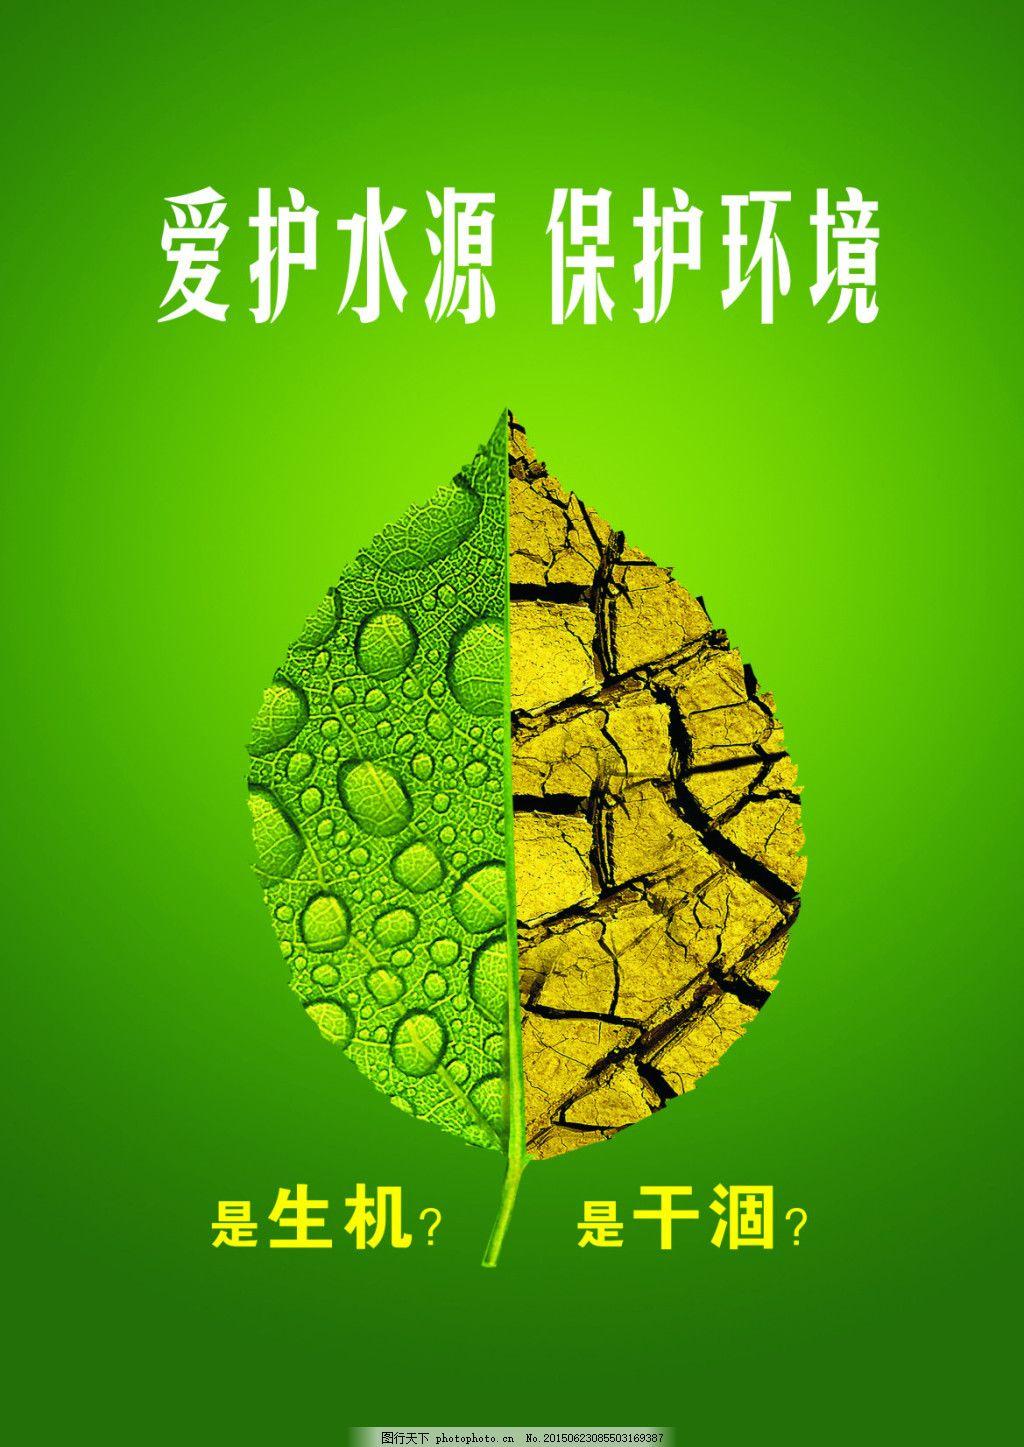 环保海报 爱护水源 保护环境 树叶 土地 干涸 绿色图片